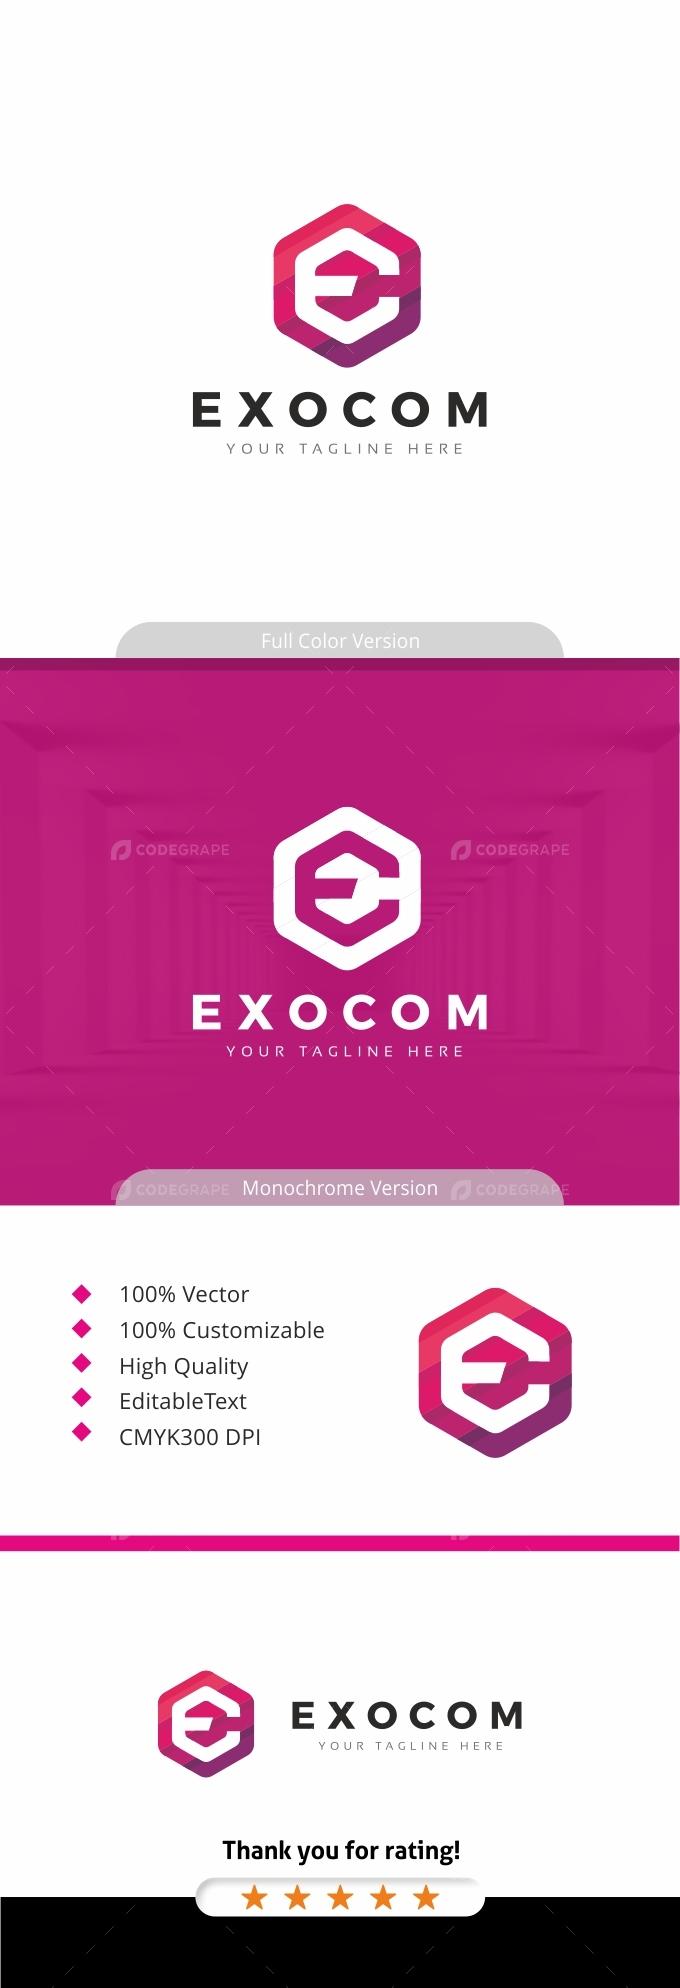 Exocom - Hexagon E Letter Logo